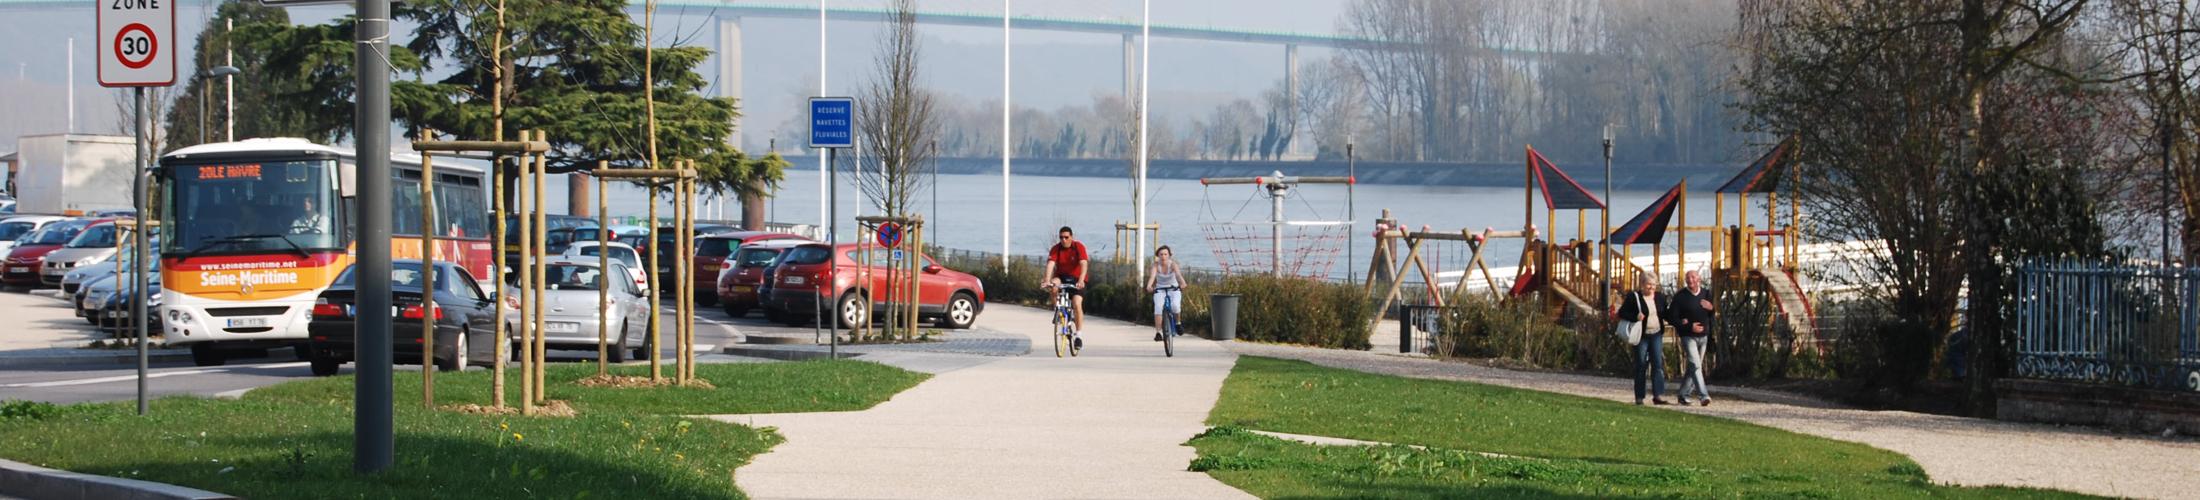 Déplacements En voiture, en bus ou à vélo, Rives-en-Seine est facile d'accès et adaptée à tous les modes de transport. A l'intérieur de la 1